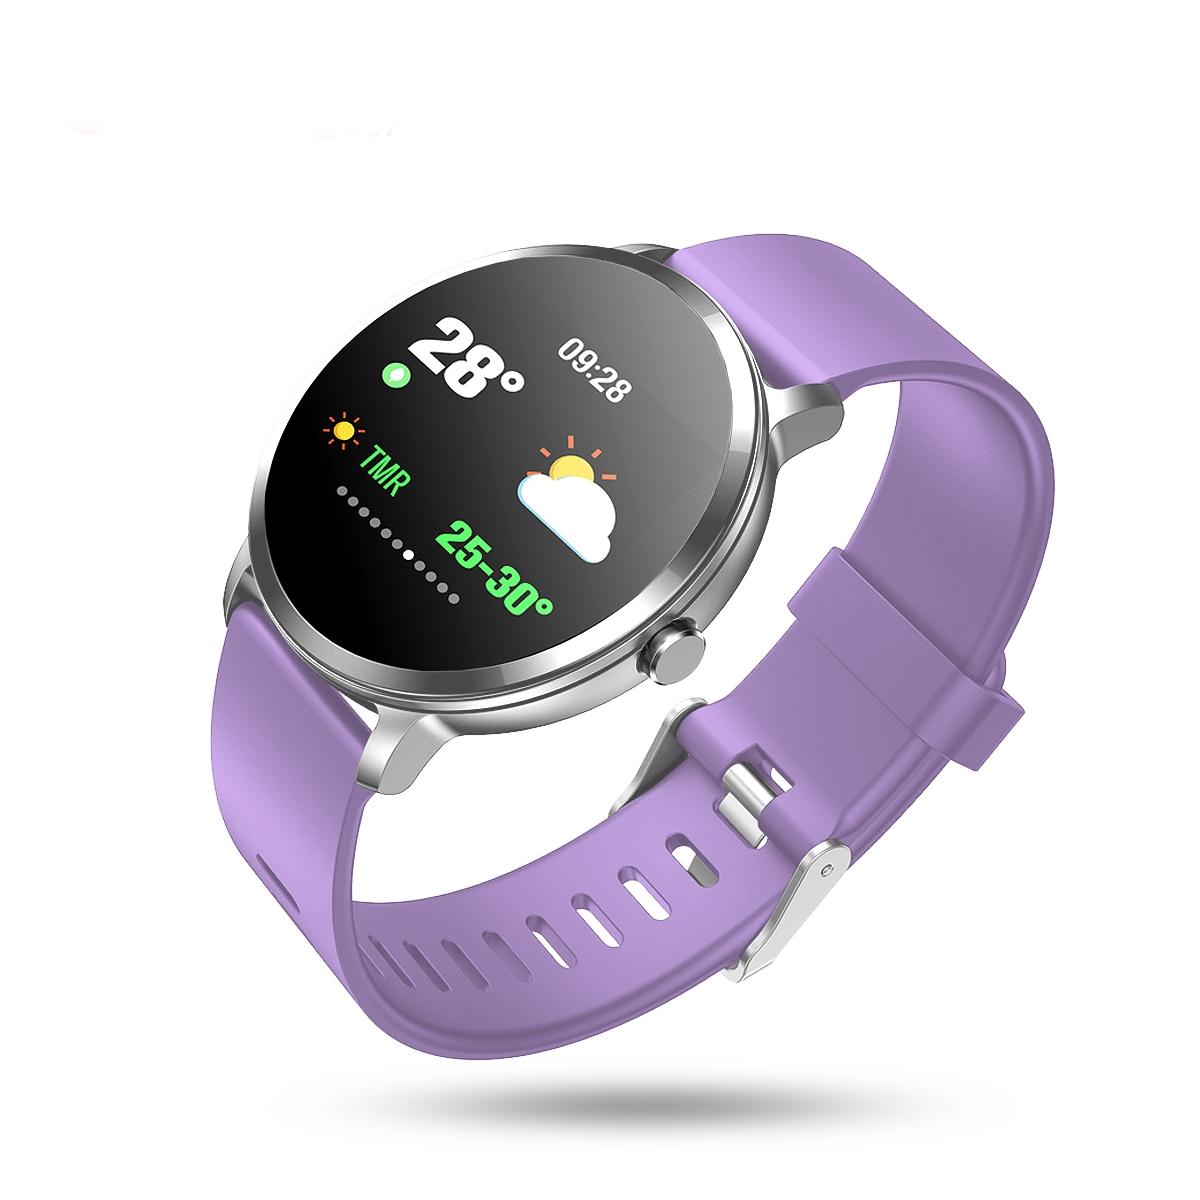 V11 pulzus- és vérnyomásmérő vízálló sport okosóra..